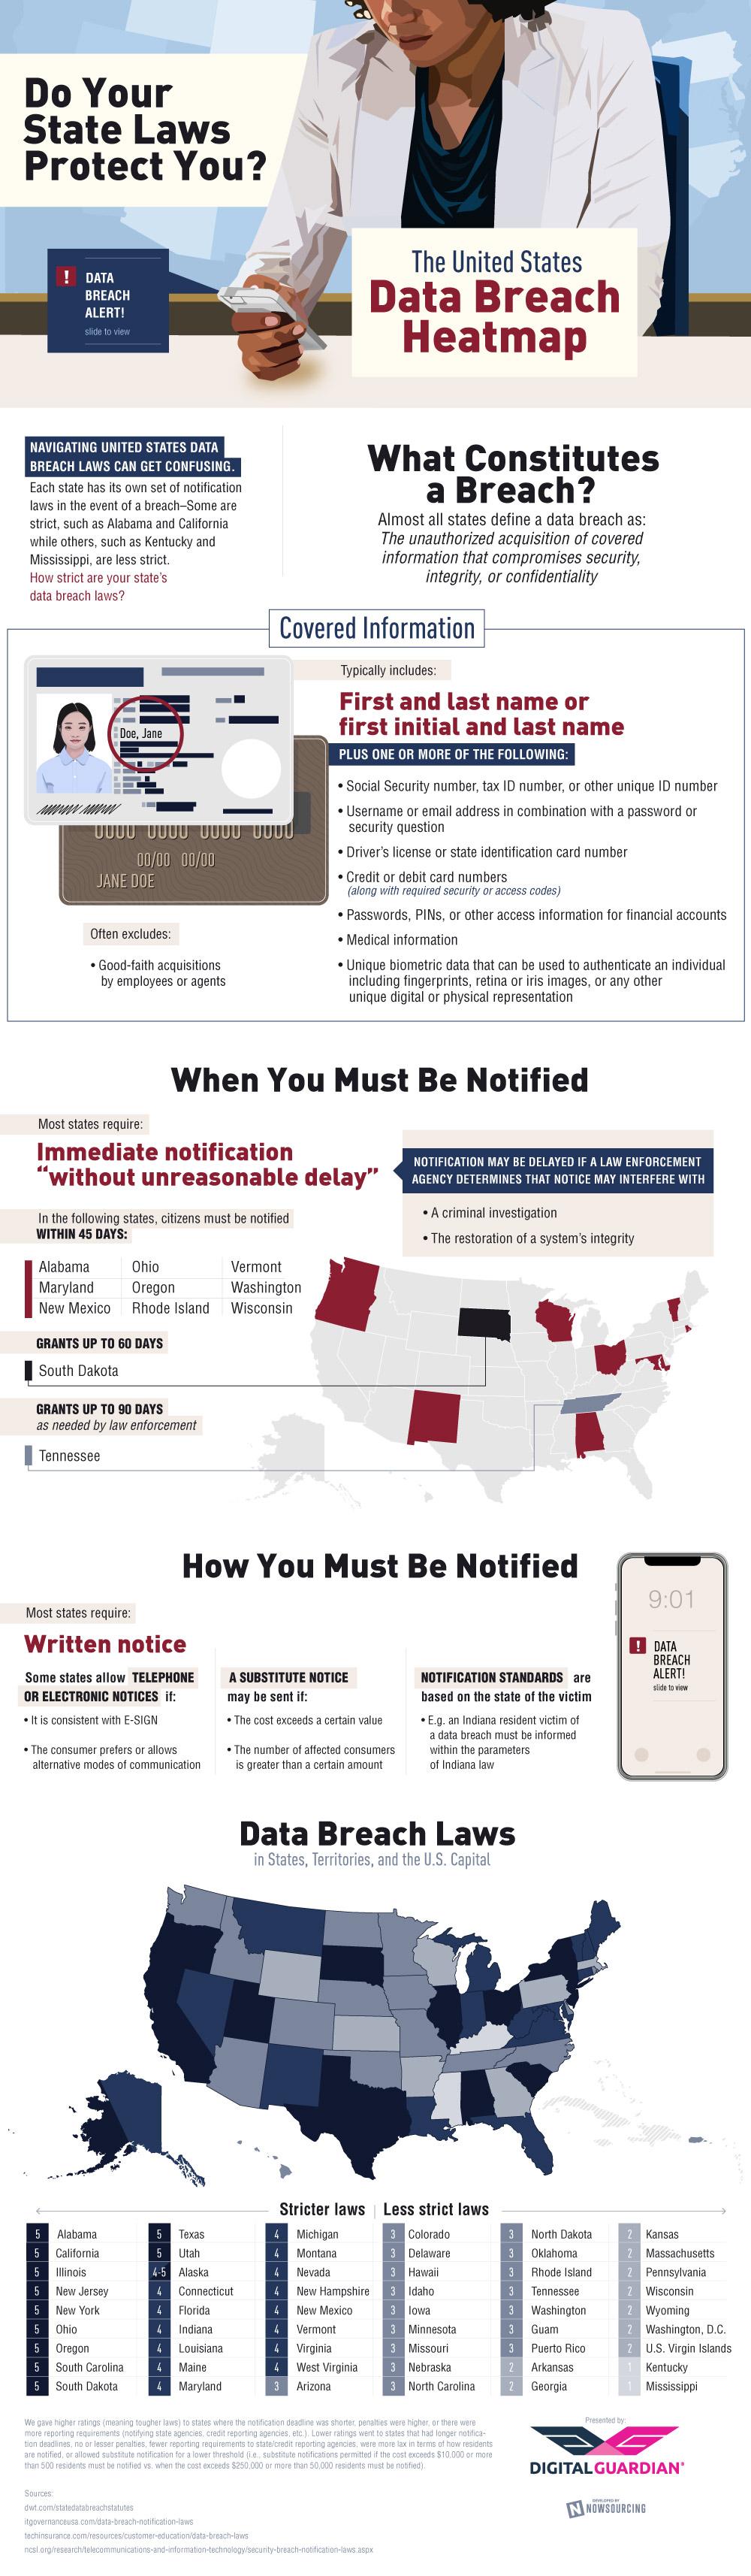 Le tue leggi statali ti proteggono? Gli Stati Uniti Data Breach Heatmap Infographic